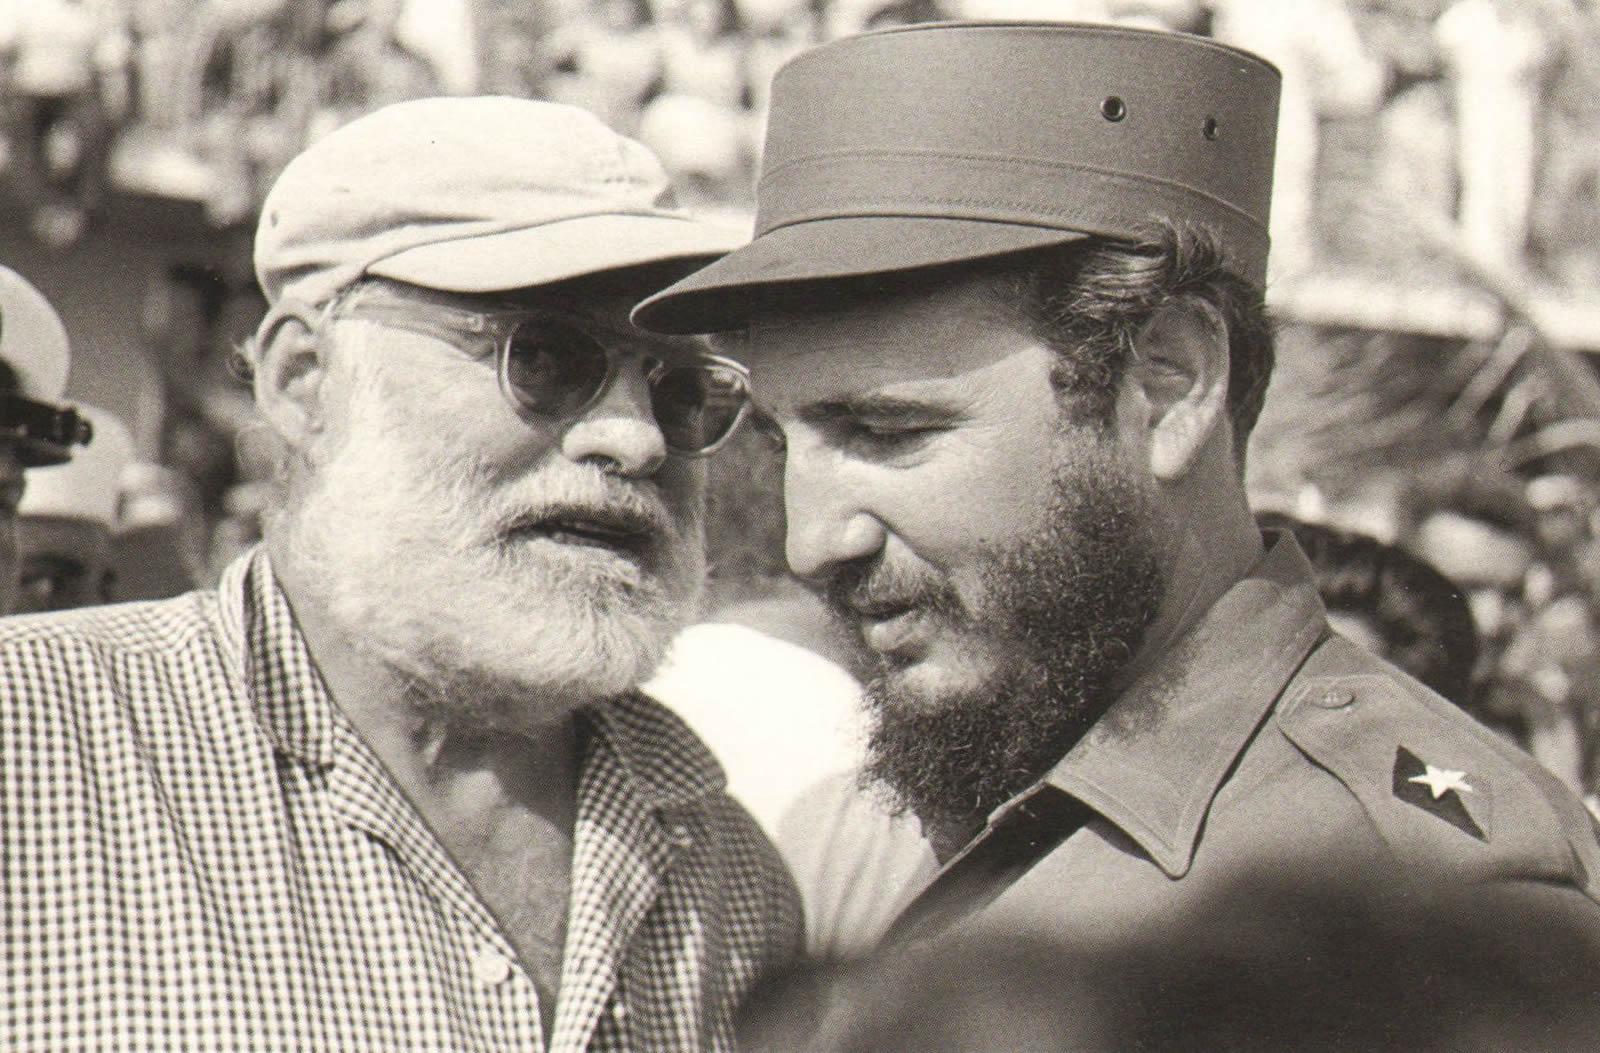 la Habana - Hemingway tour